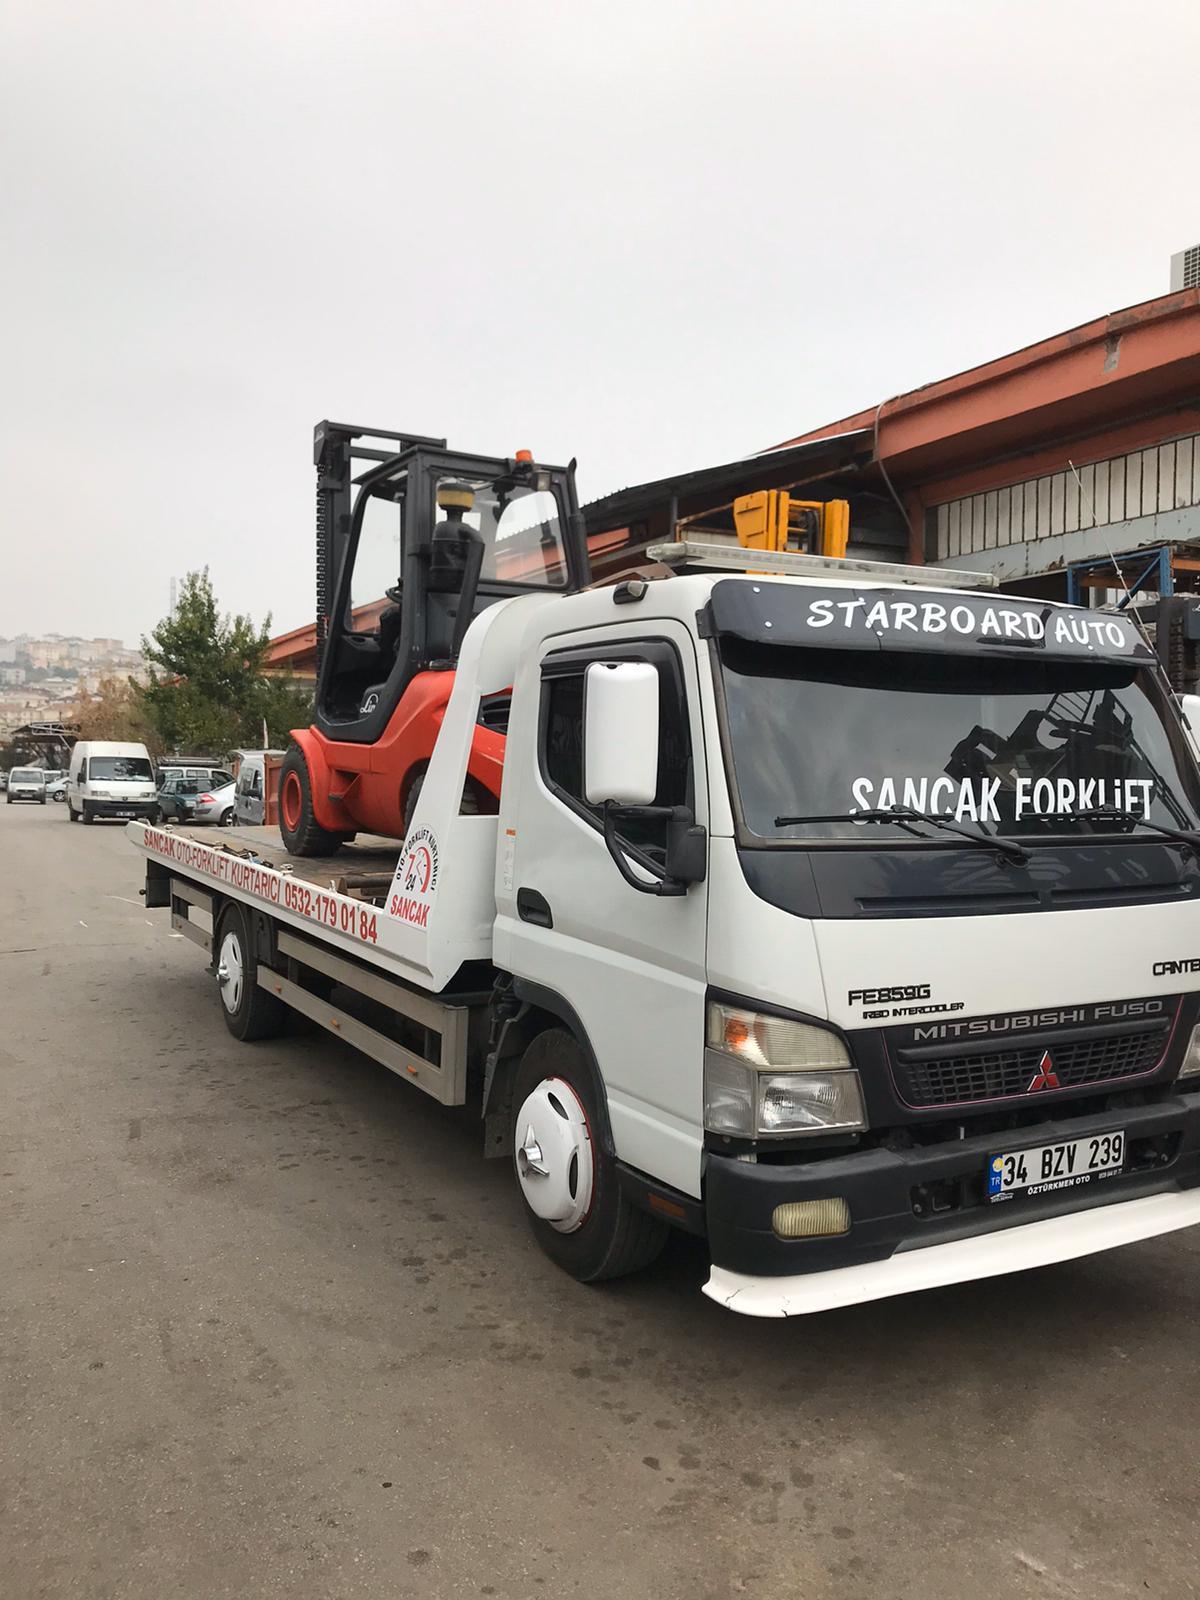 Sancak Forklift